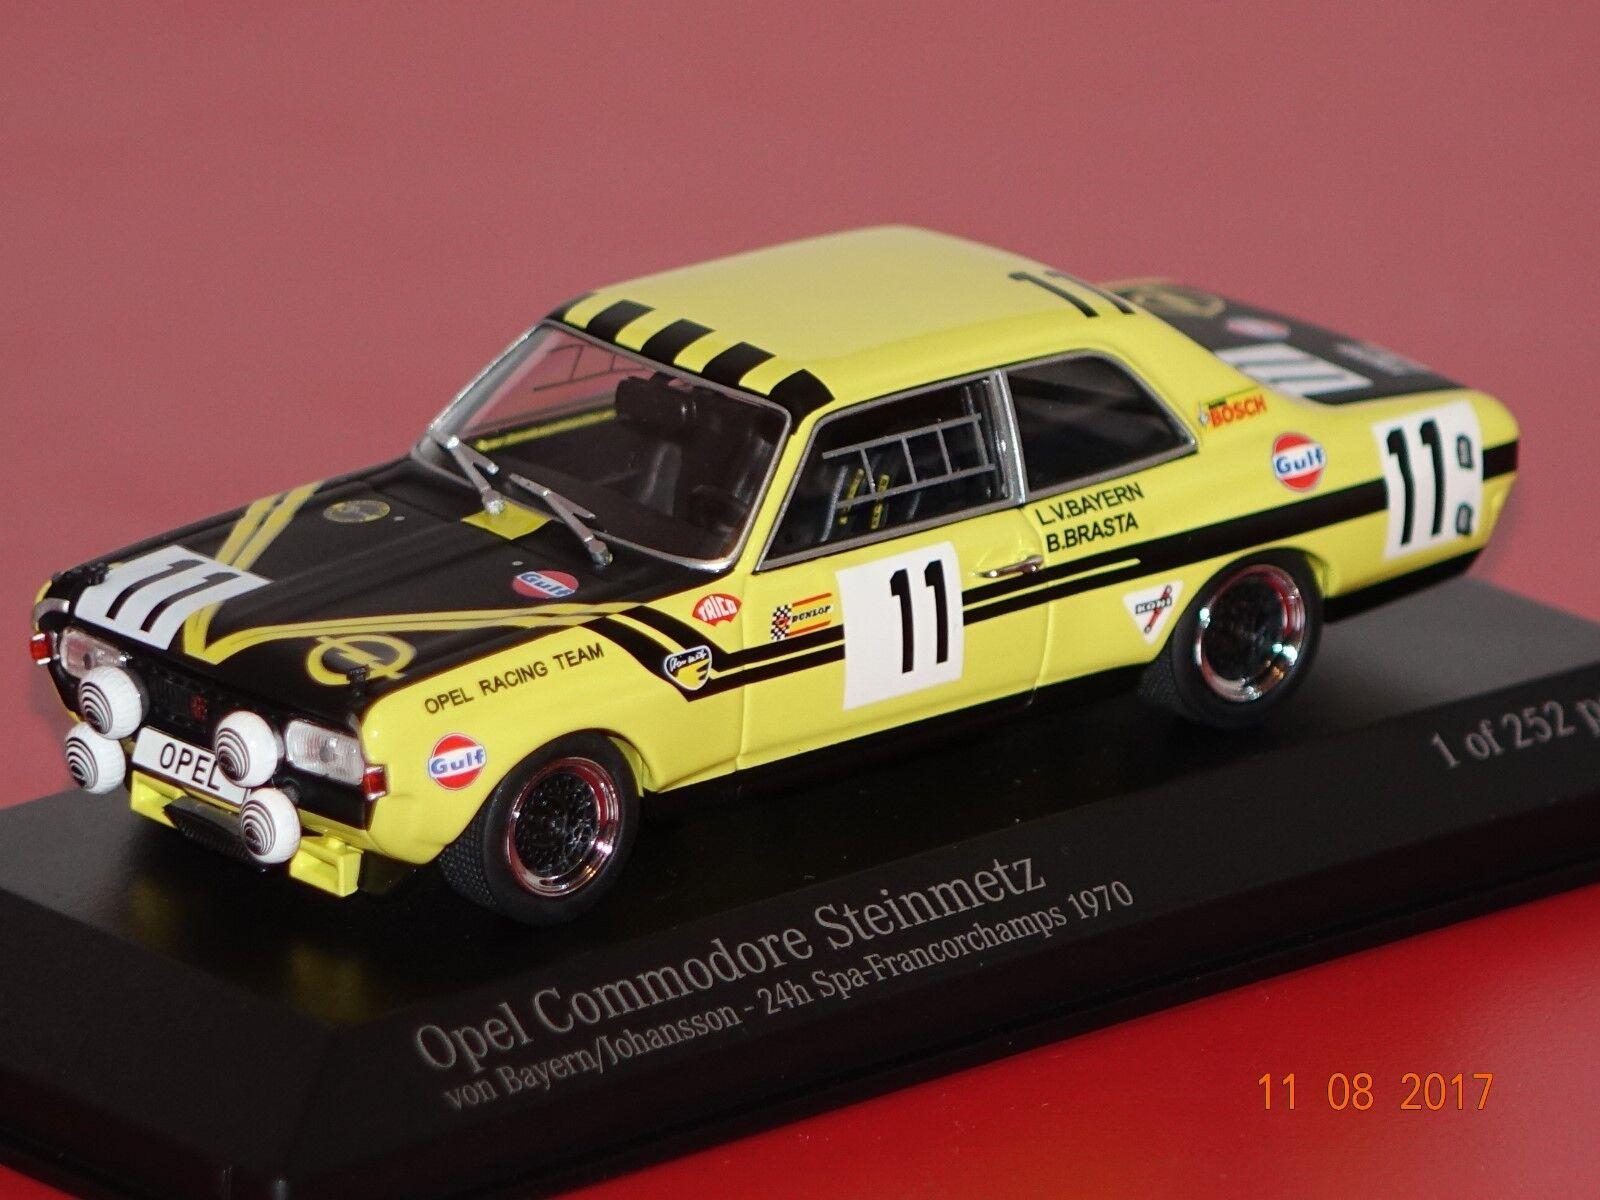 hasta un 50% de descuento Opel Commodore Commodore Commodore a cantero 24h spa 1970  11 1 43 Minichamps 400704611 nuevo embalaje original &  hasta un 60% de descuento